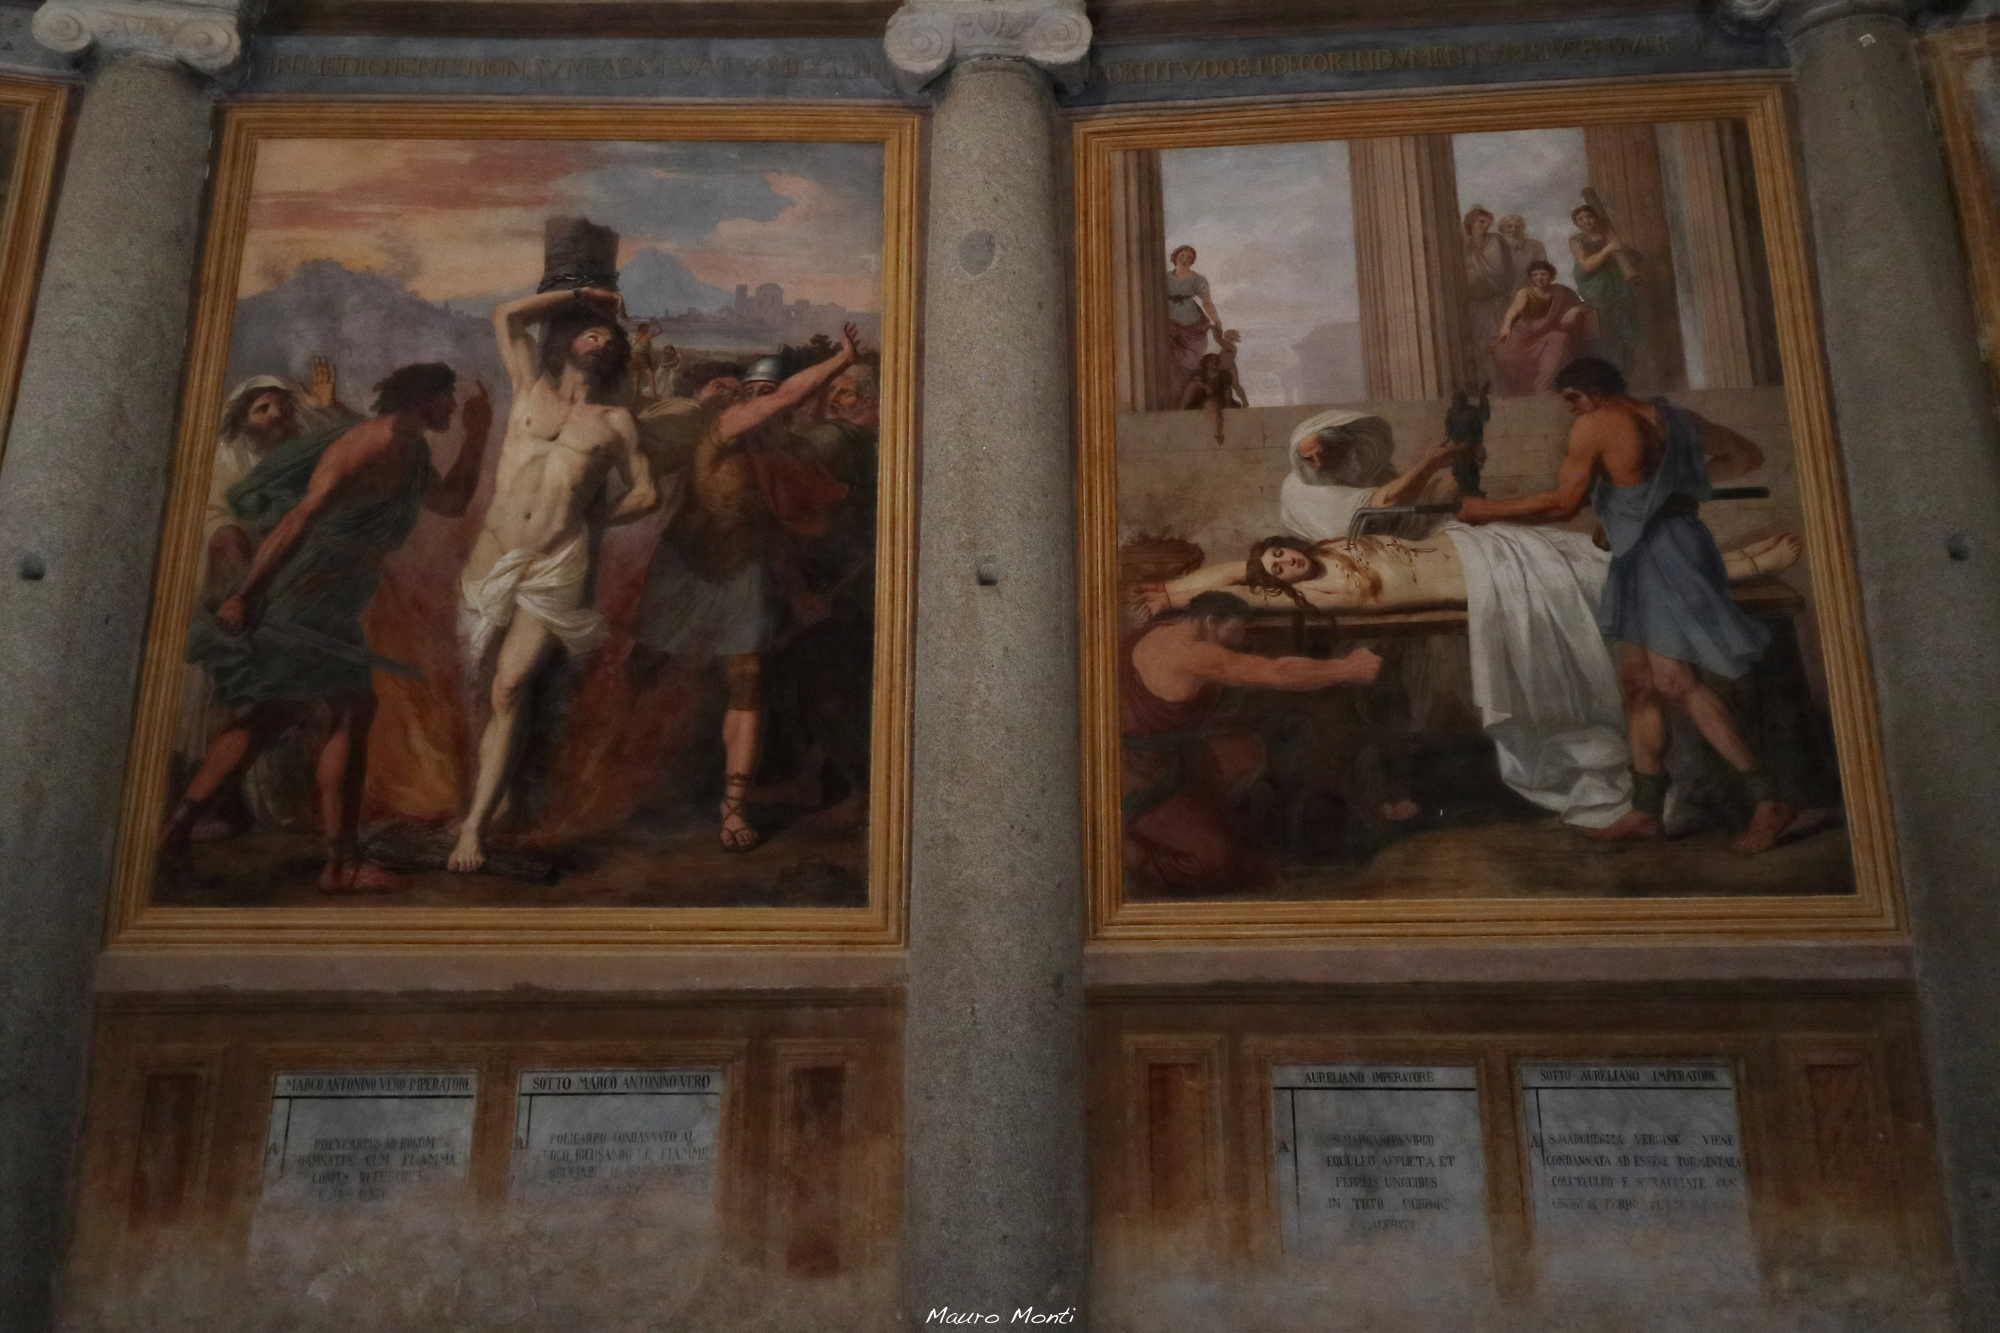 Santo Stefano Rotondo - (c) Mauro Monti